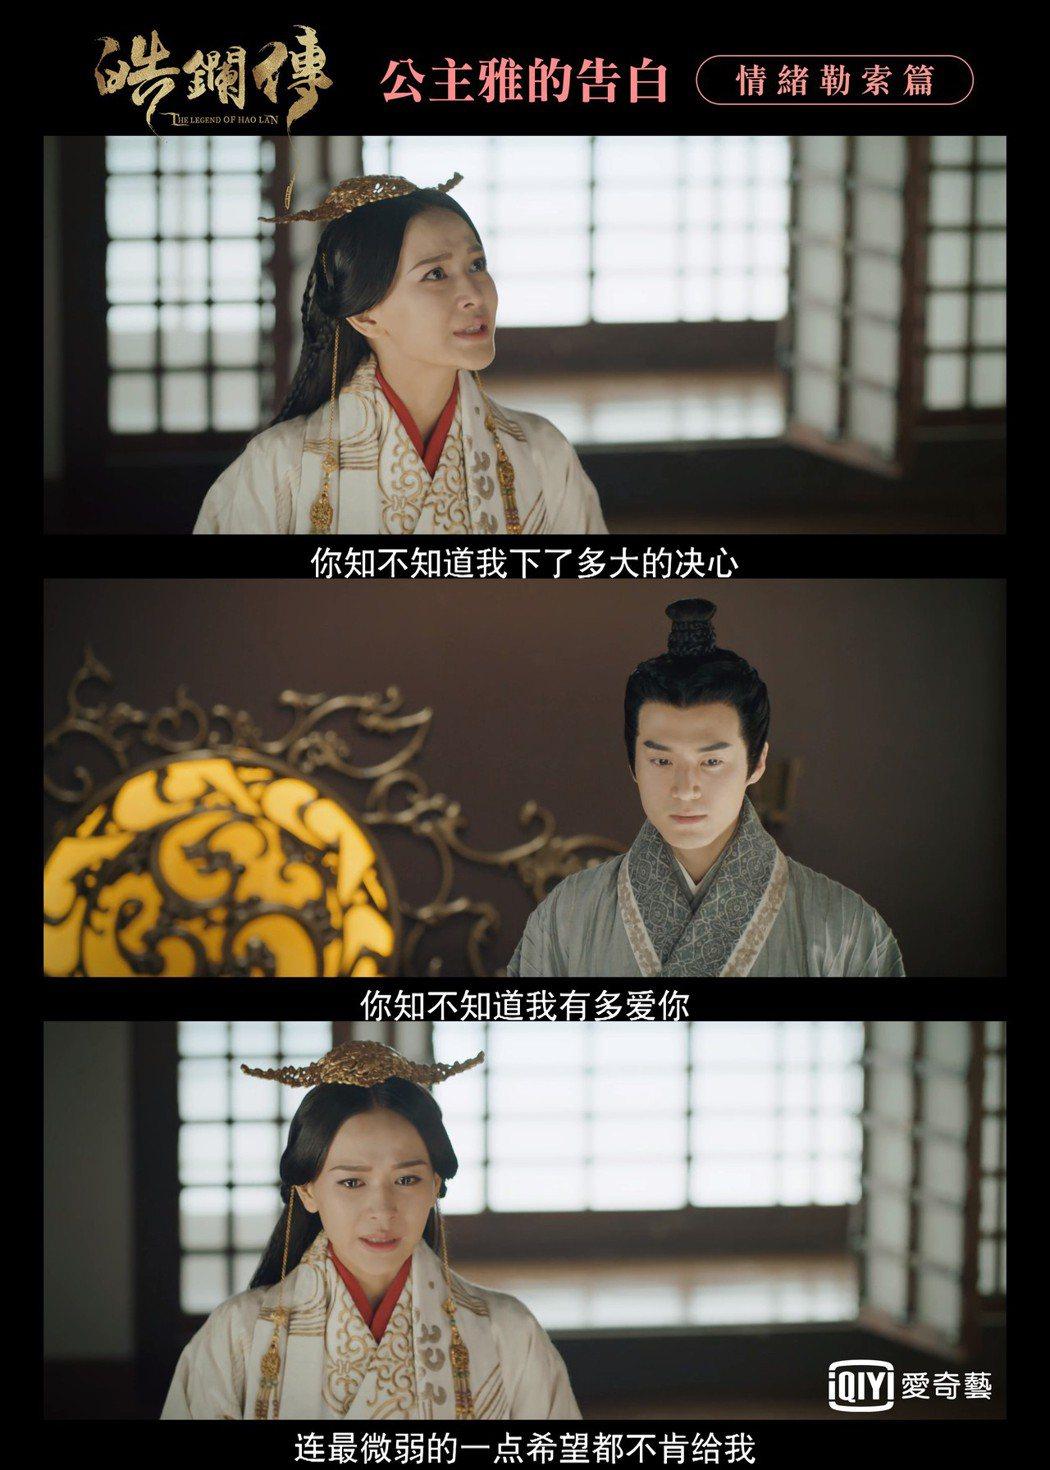 飾演公主雅的海鈴,由愛生妒心狠手辣。圖/愛奇藝台灣站提供